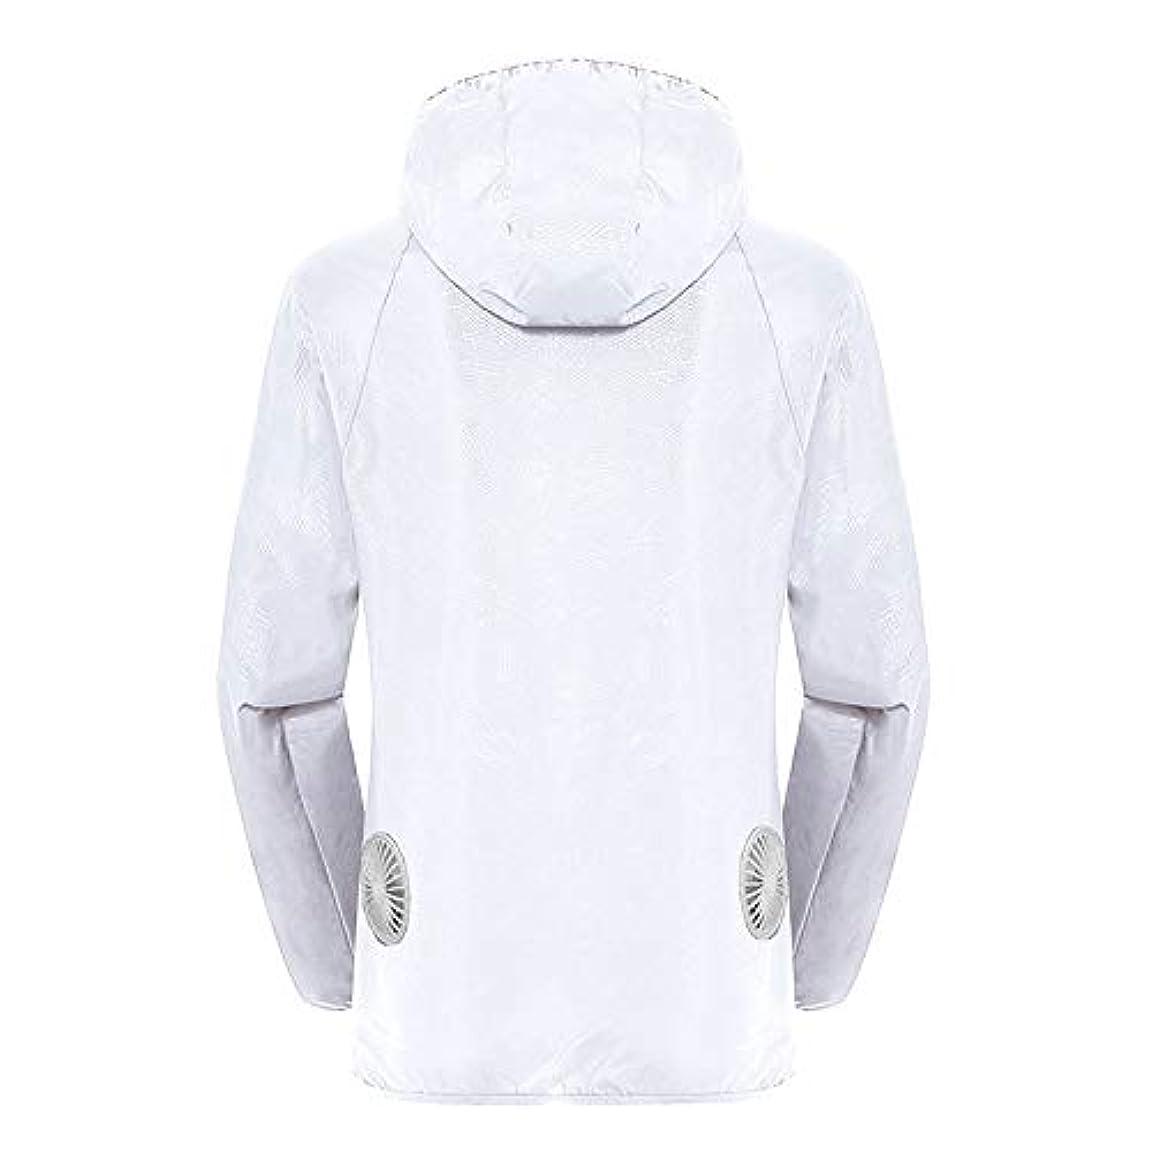 司教アルバニーに同意する夏のスマート3ギアエアコンジャケット日焼け防止服釣りスーツ水しぶき防止服をクールダウン(宝物なしで充電),White,L